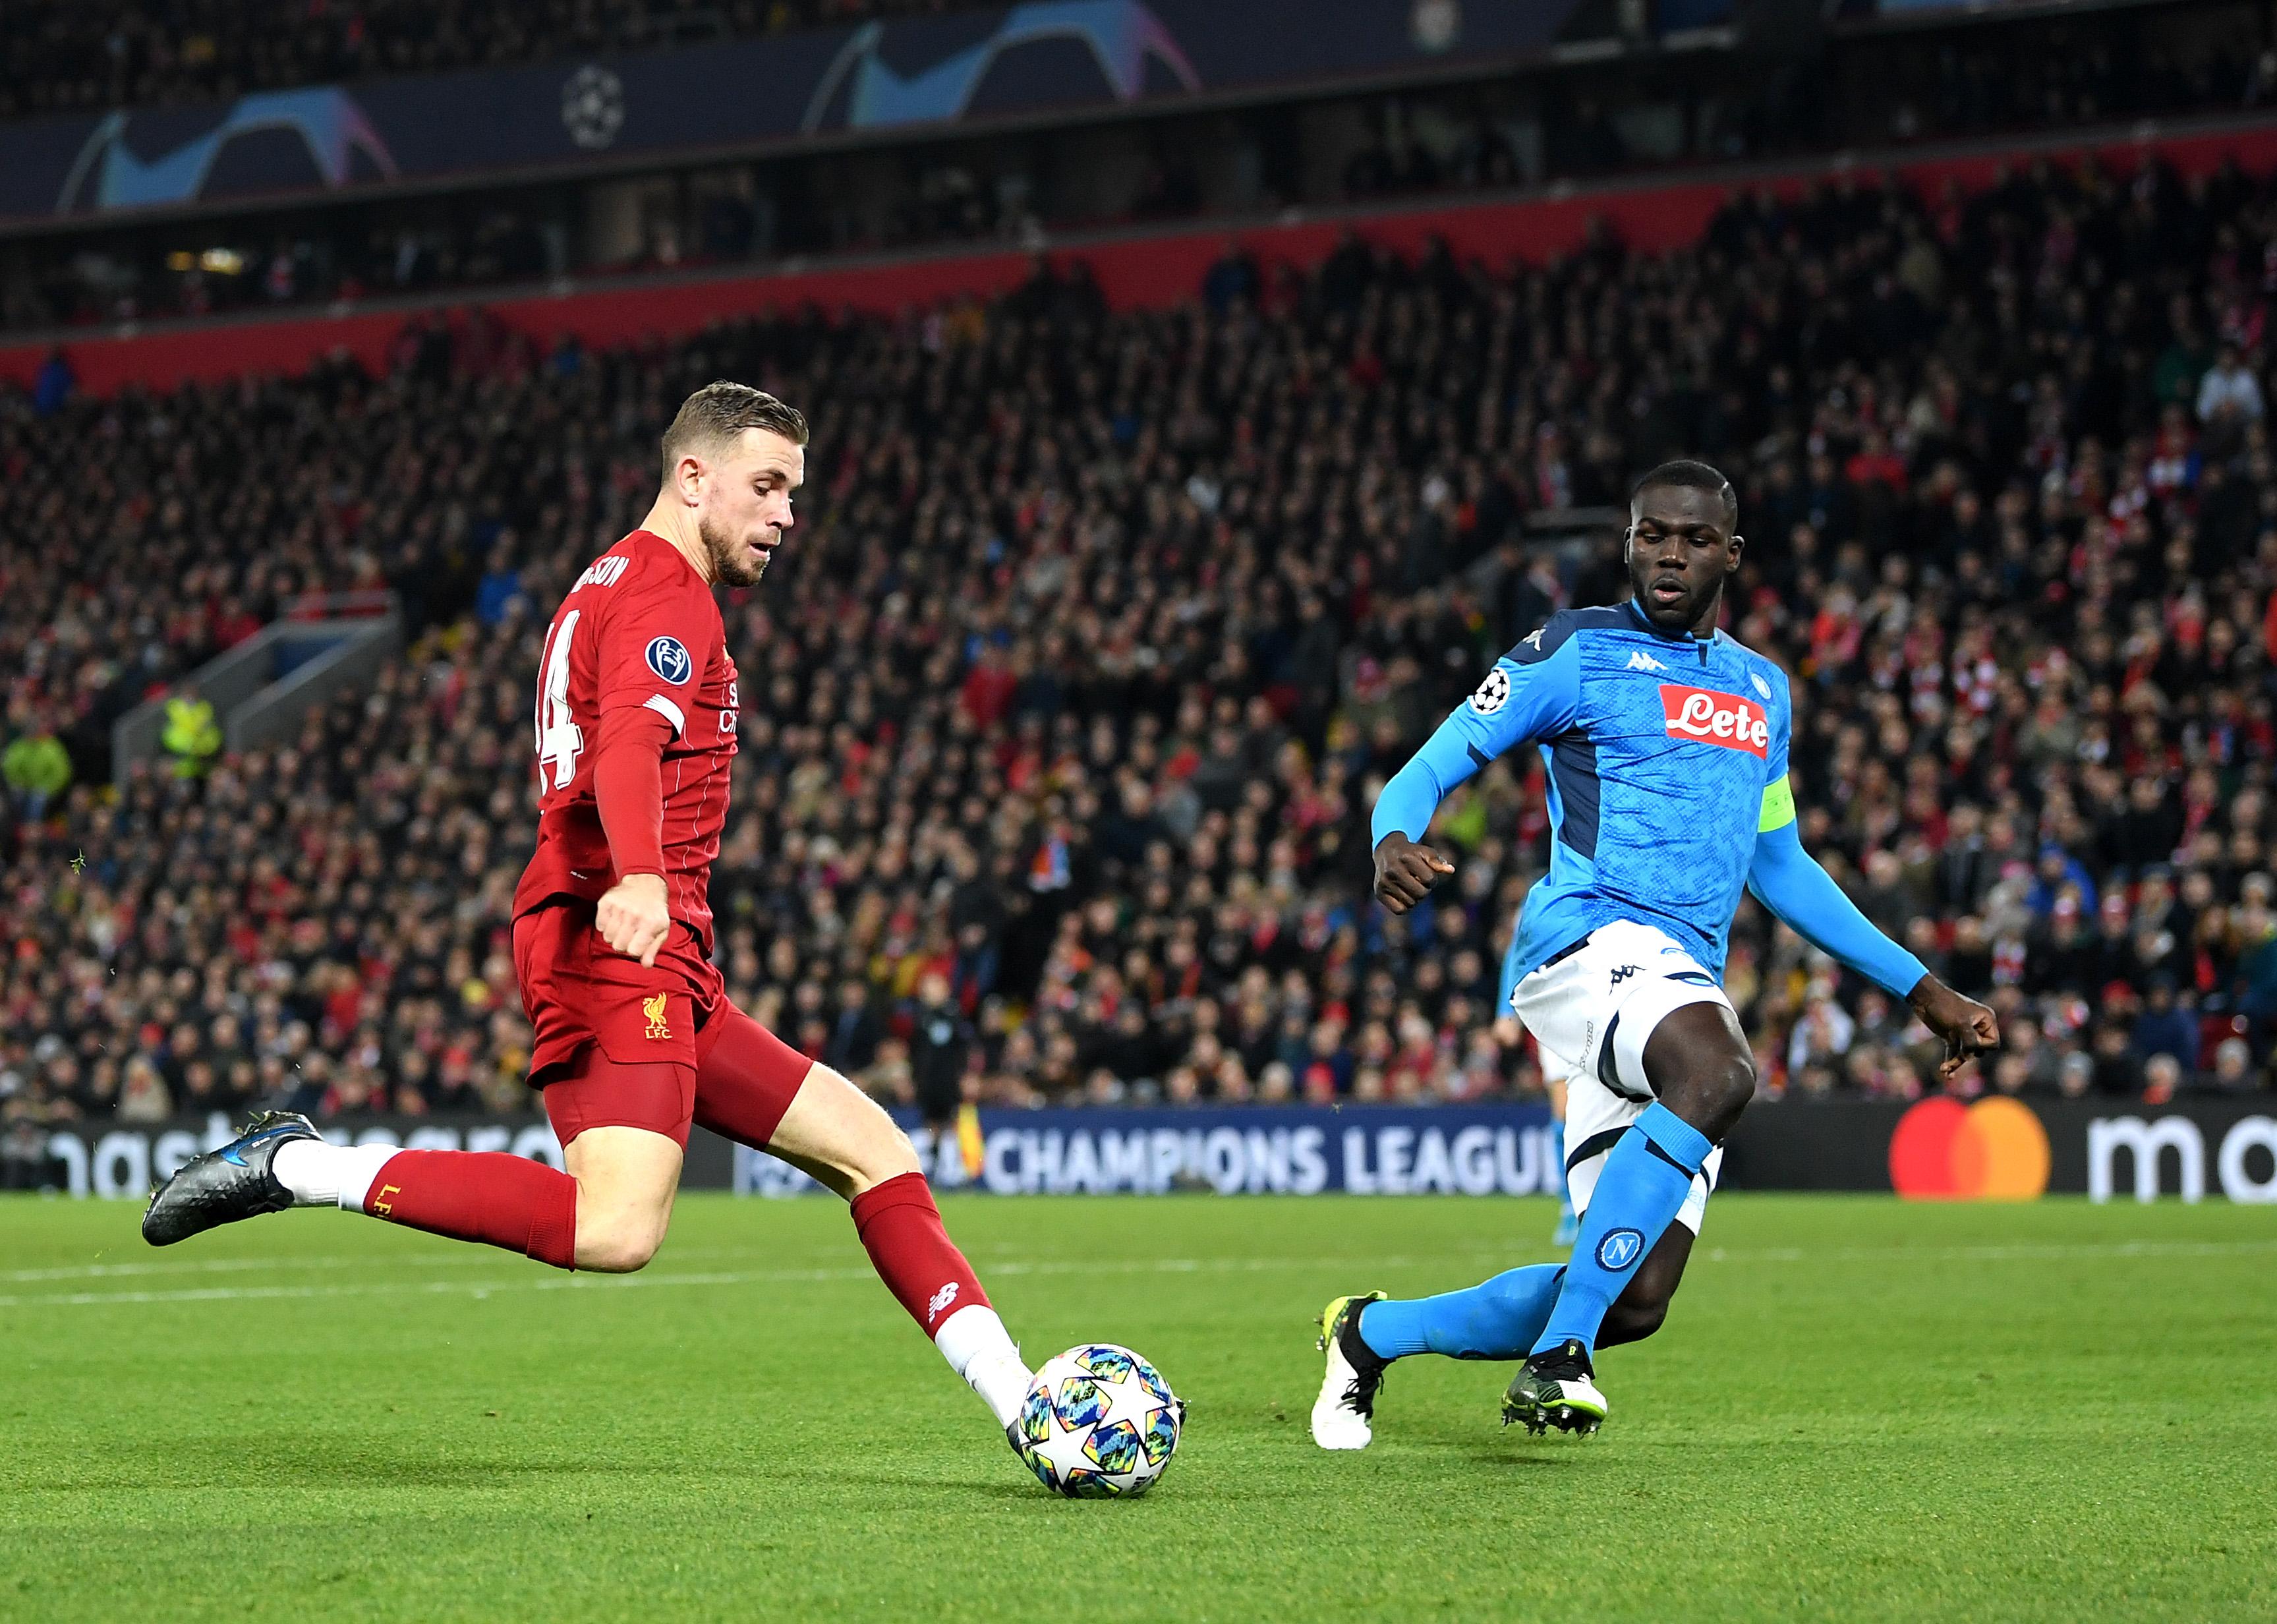 Jordan Henderson of Liverpool is put under pressure by Napoli's Kalidou Koulibaly.